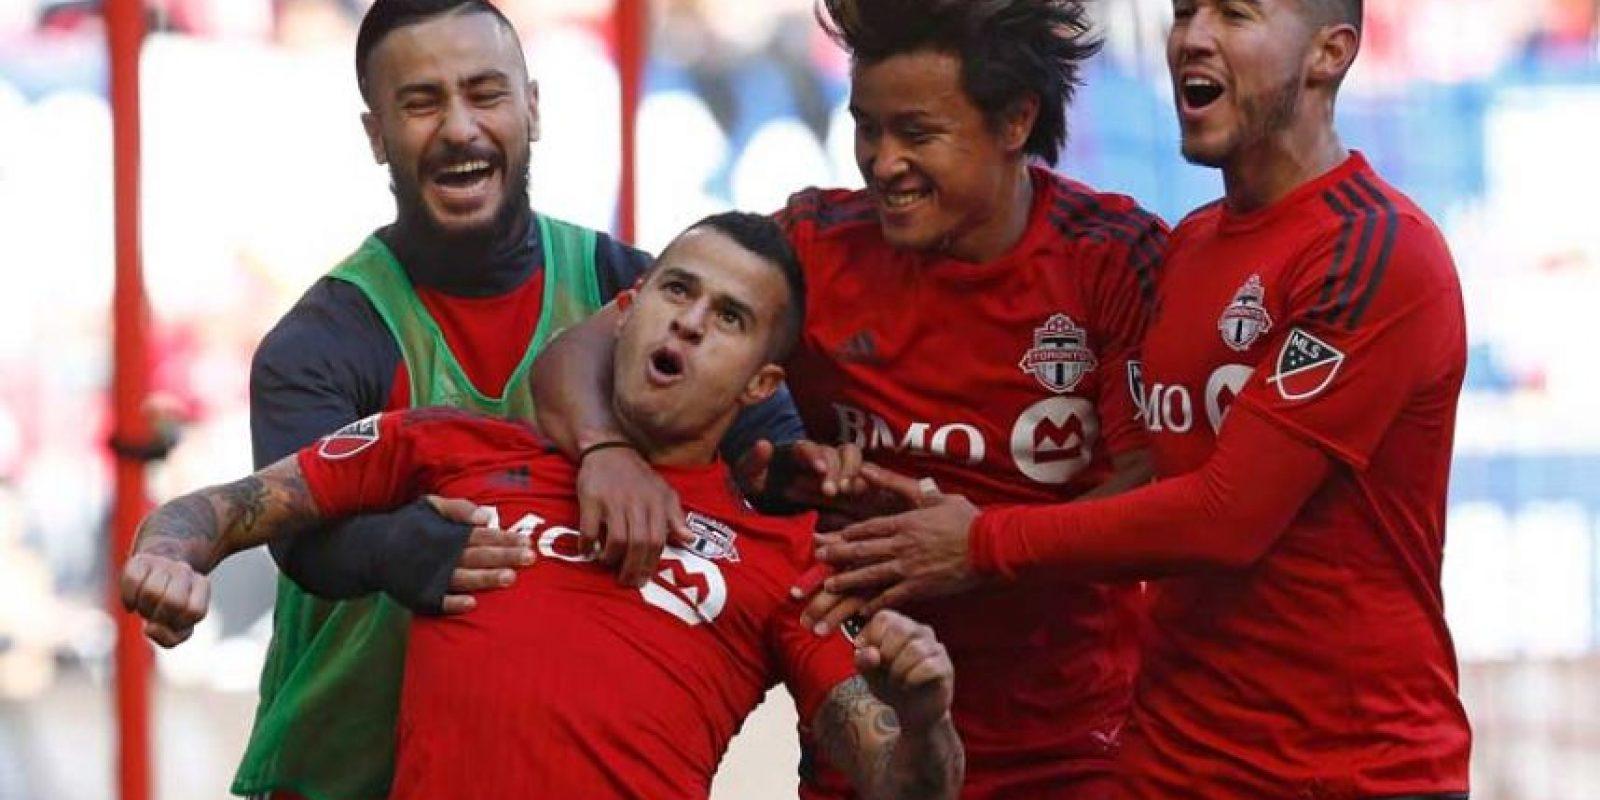 La Major League Soccer es la liga de fútbol profesional de los Estados Unidos. Foto:Getty Images